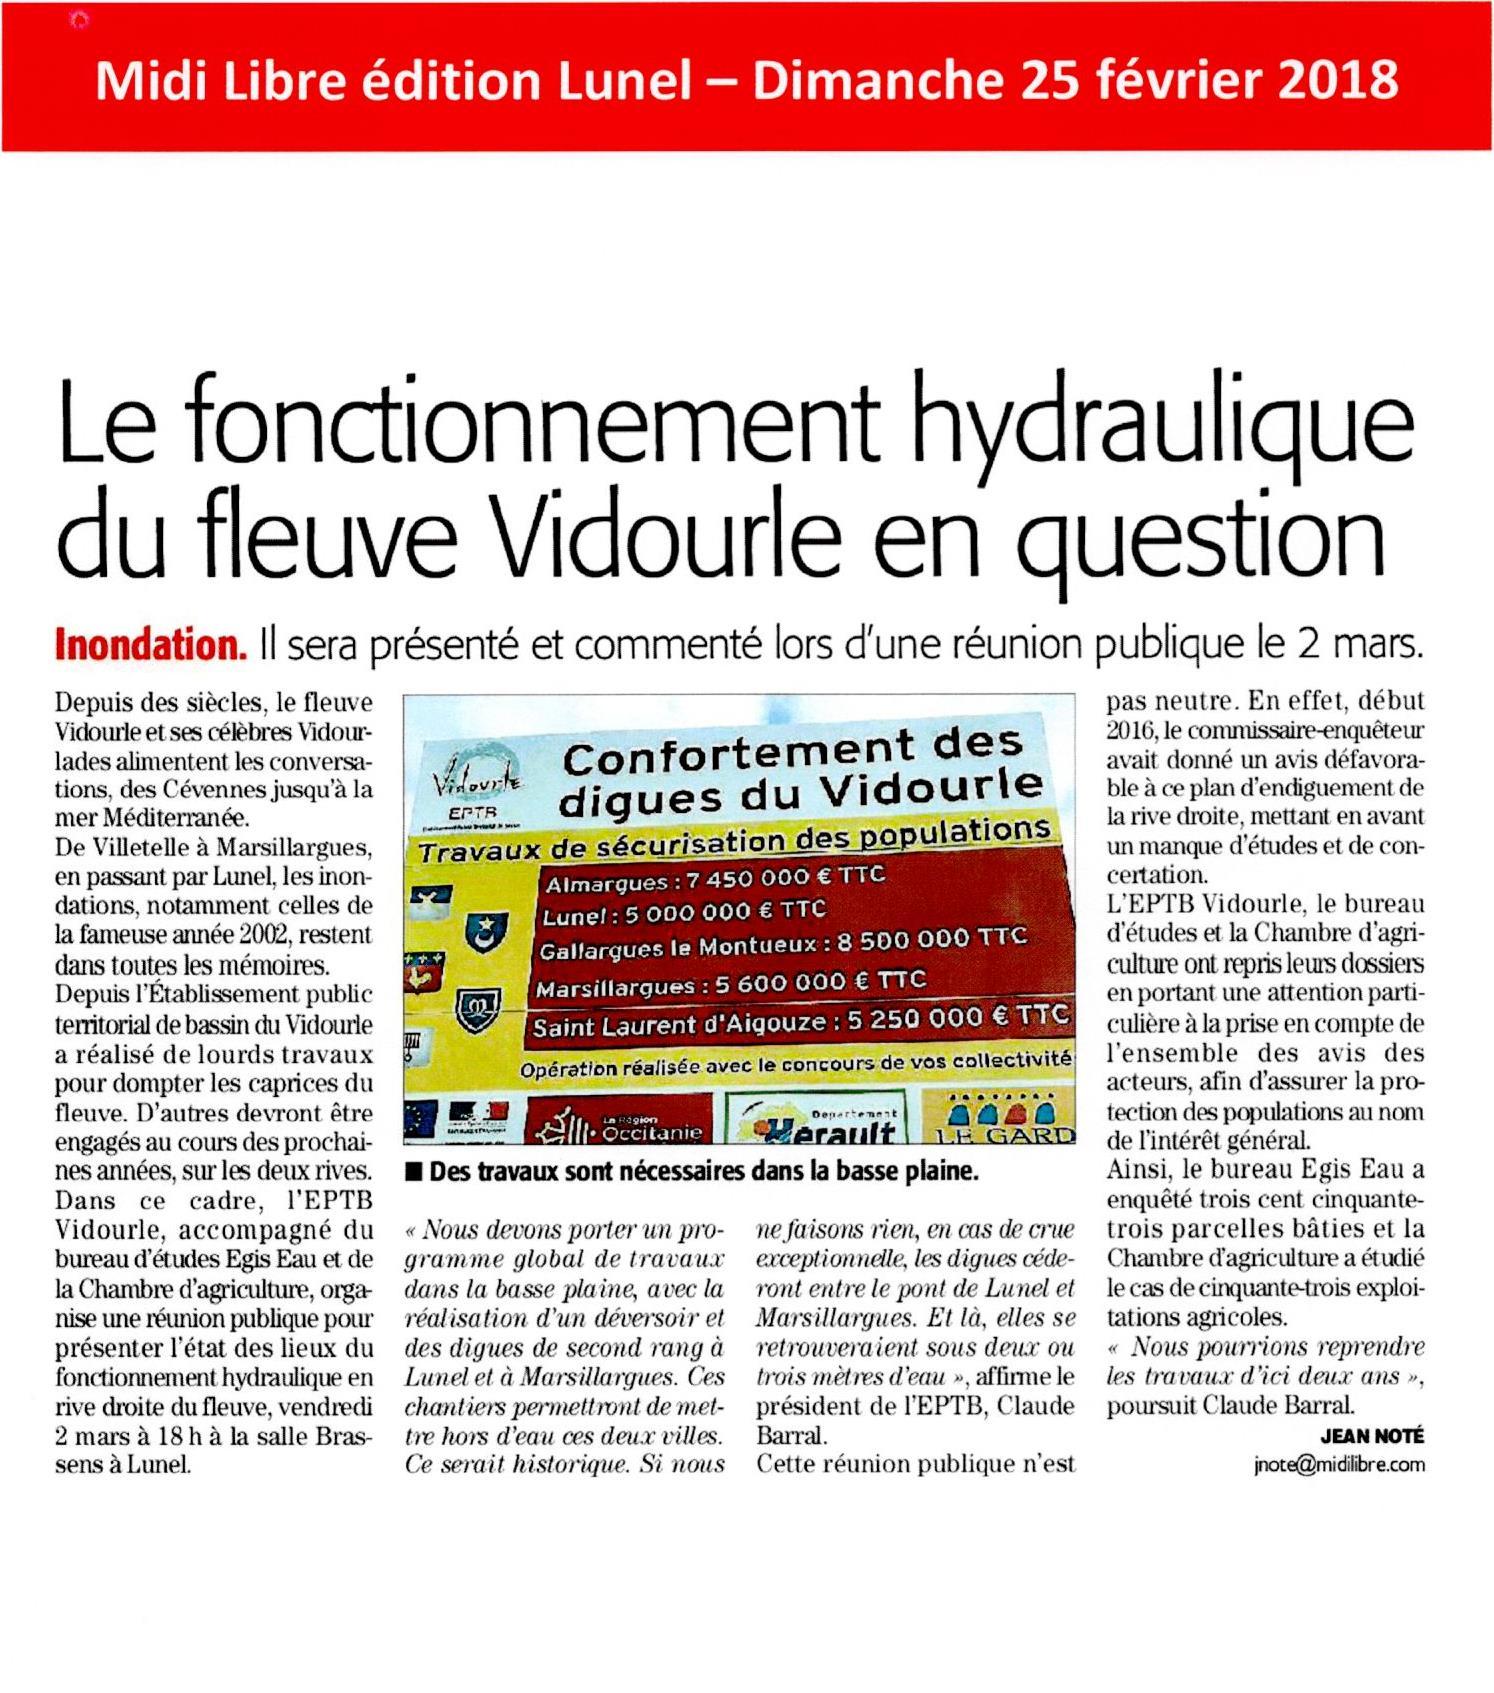 Réunion publique : Présentation de l'état des lieux du fonctionnement hydraulique en rive droite du fleuve